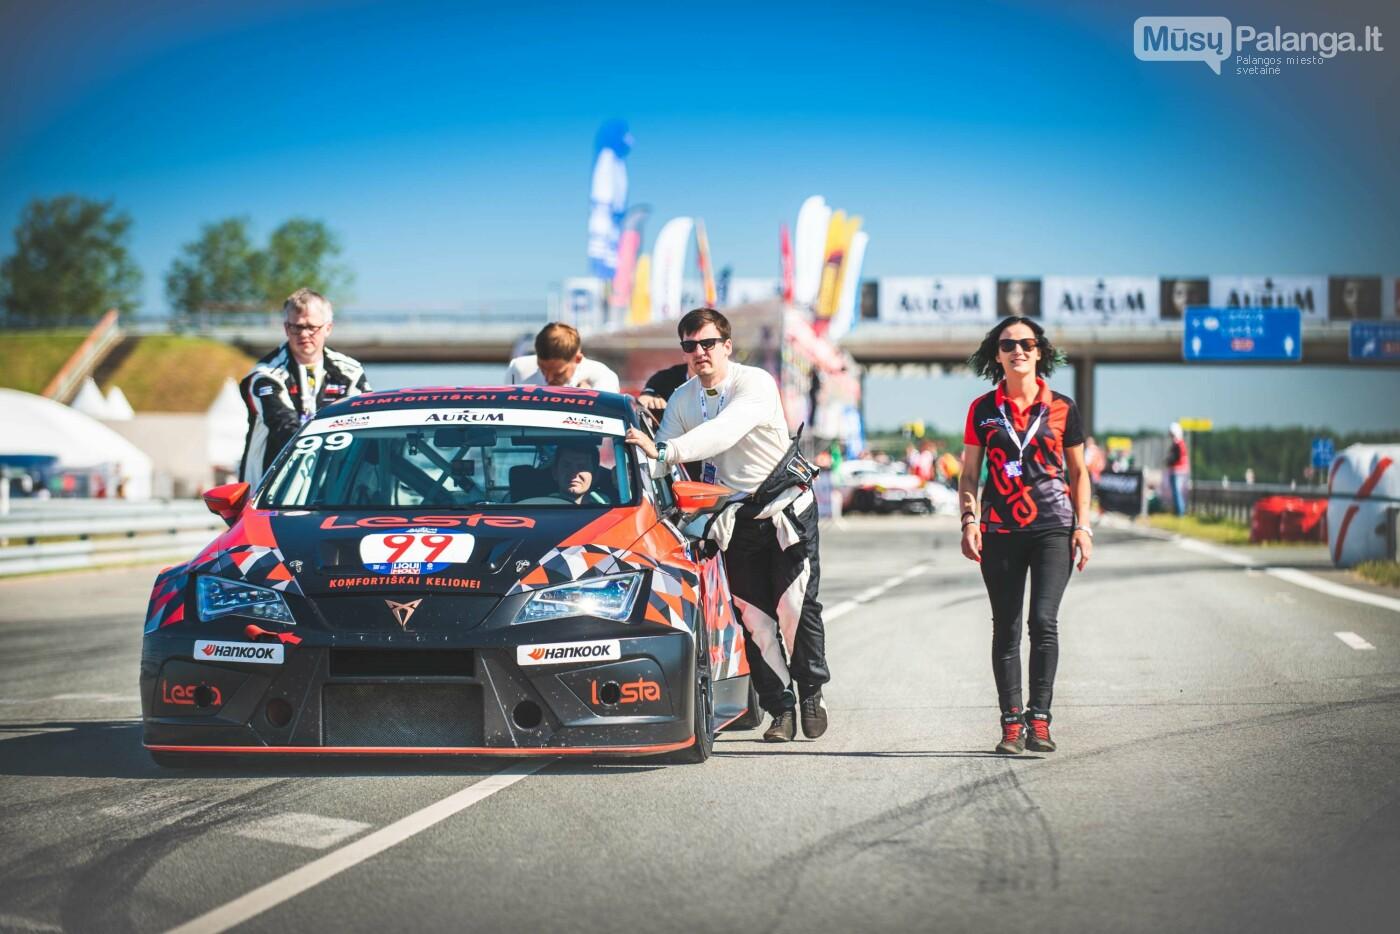 """Palangoje startavo """"Aurum 1006 km"""" lenktynės, nuotrauka-1, Vytauto PILKAUSKO ir Arno STRUMILOS nuotr."""